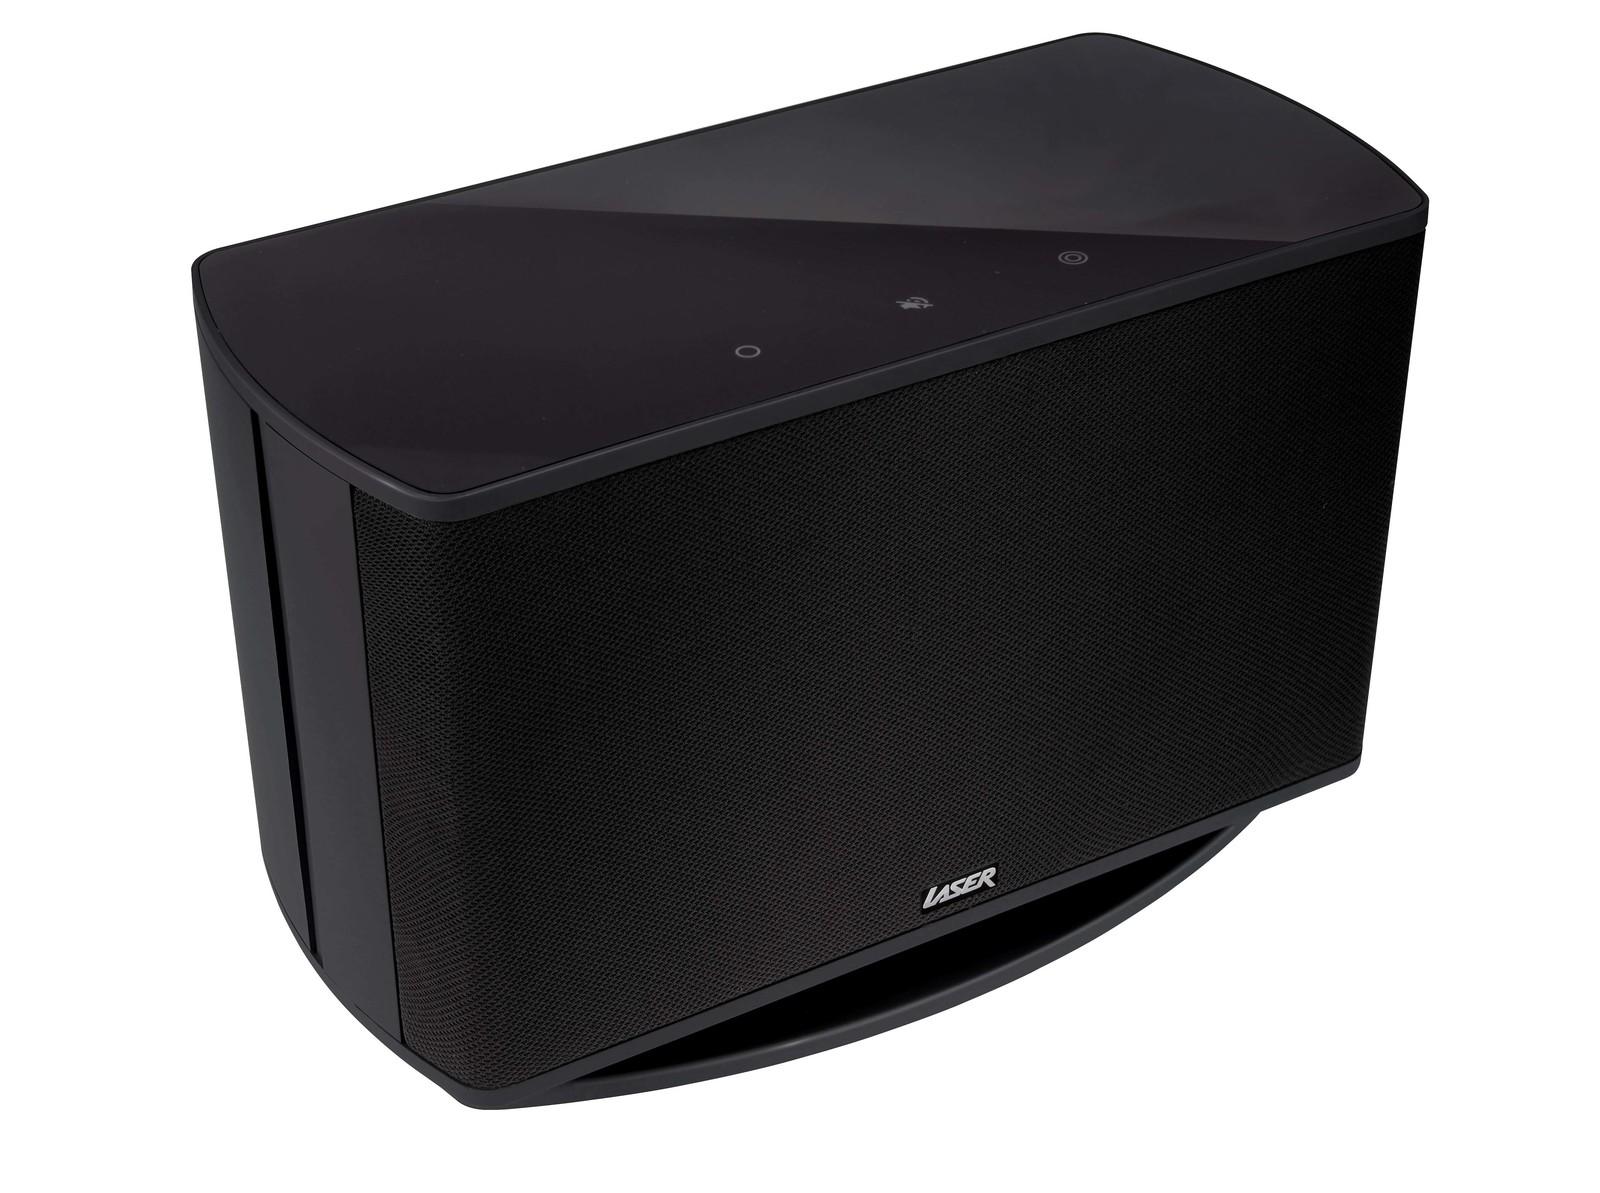 Laser Wi-Fi Multi Room Speaker Q30 (Black) Images at